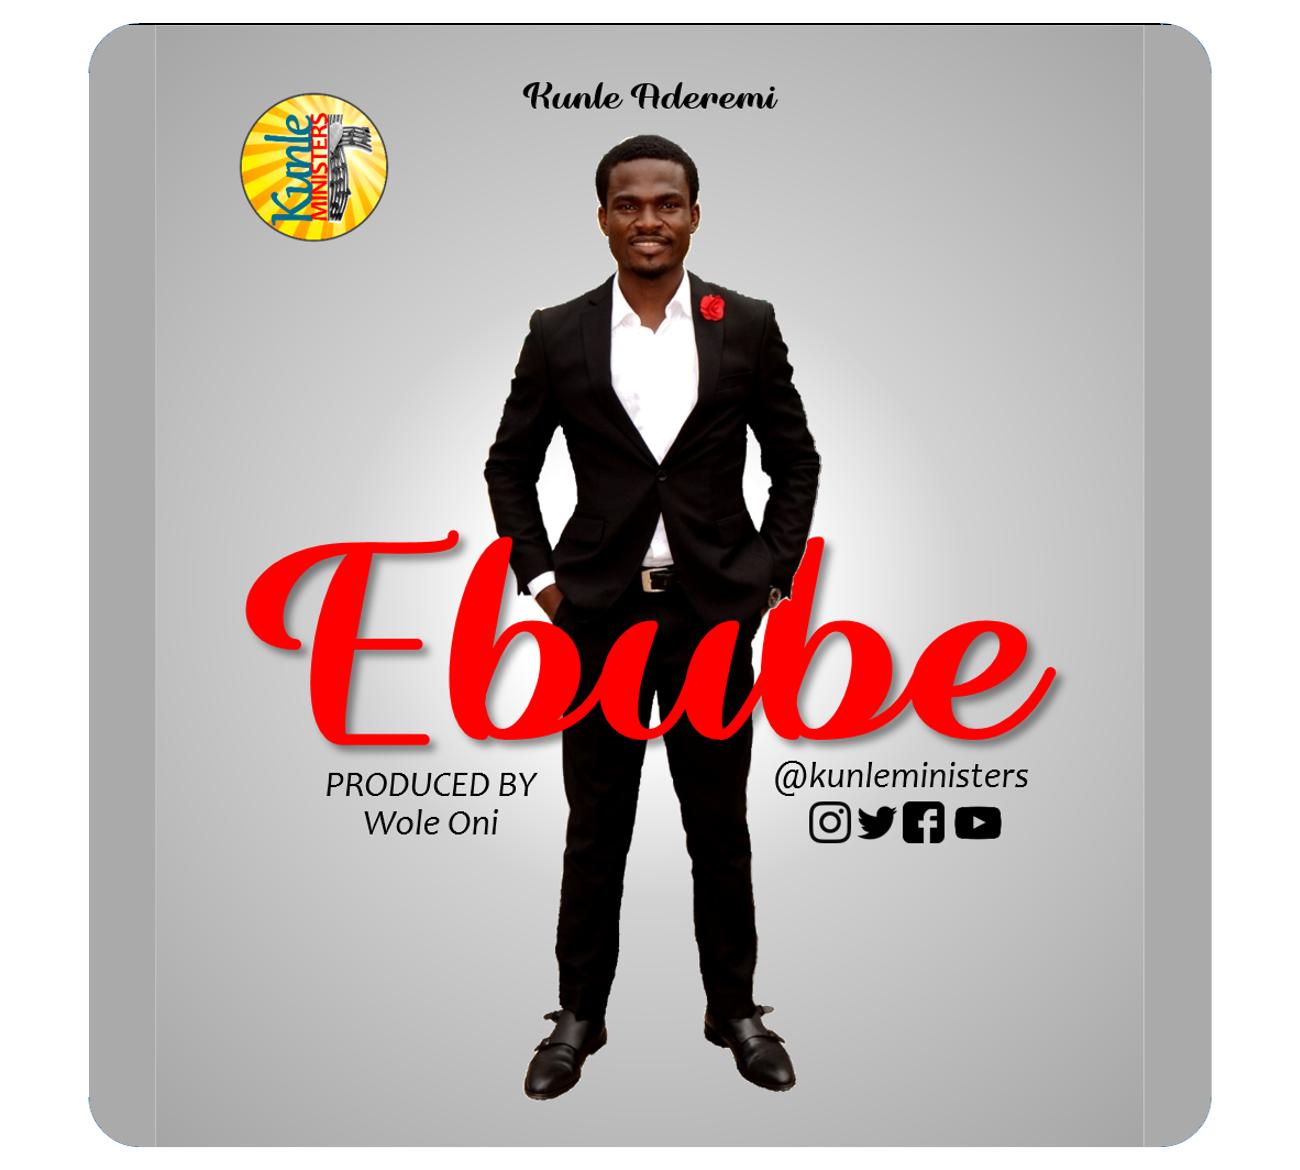 Ebube - Kunle Aderemi  [@kunleministers]